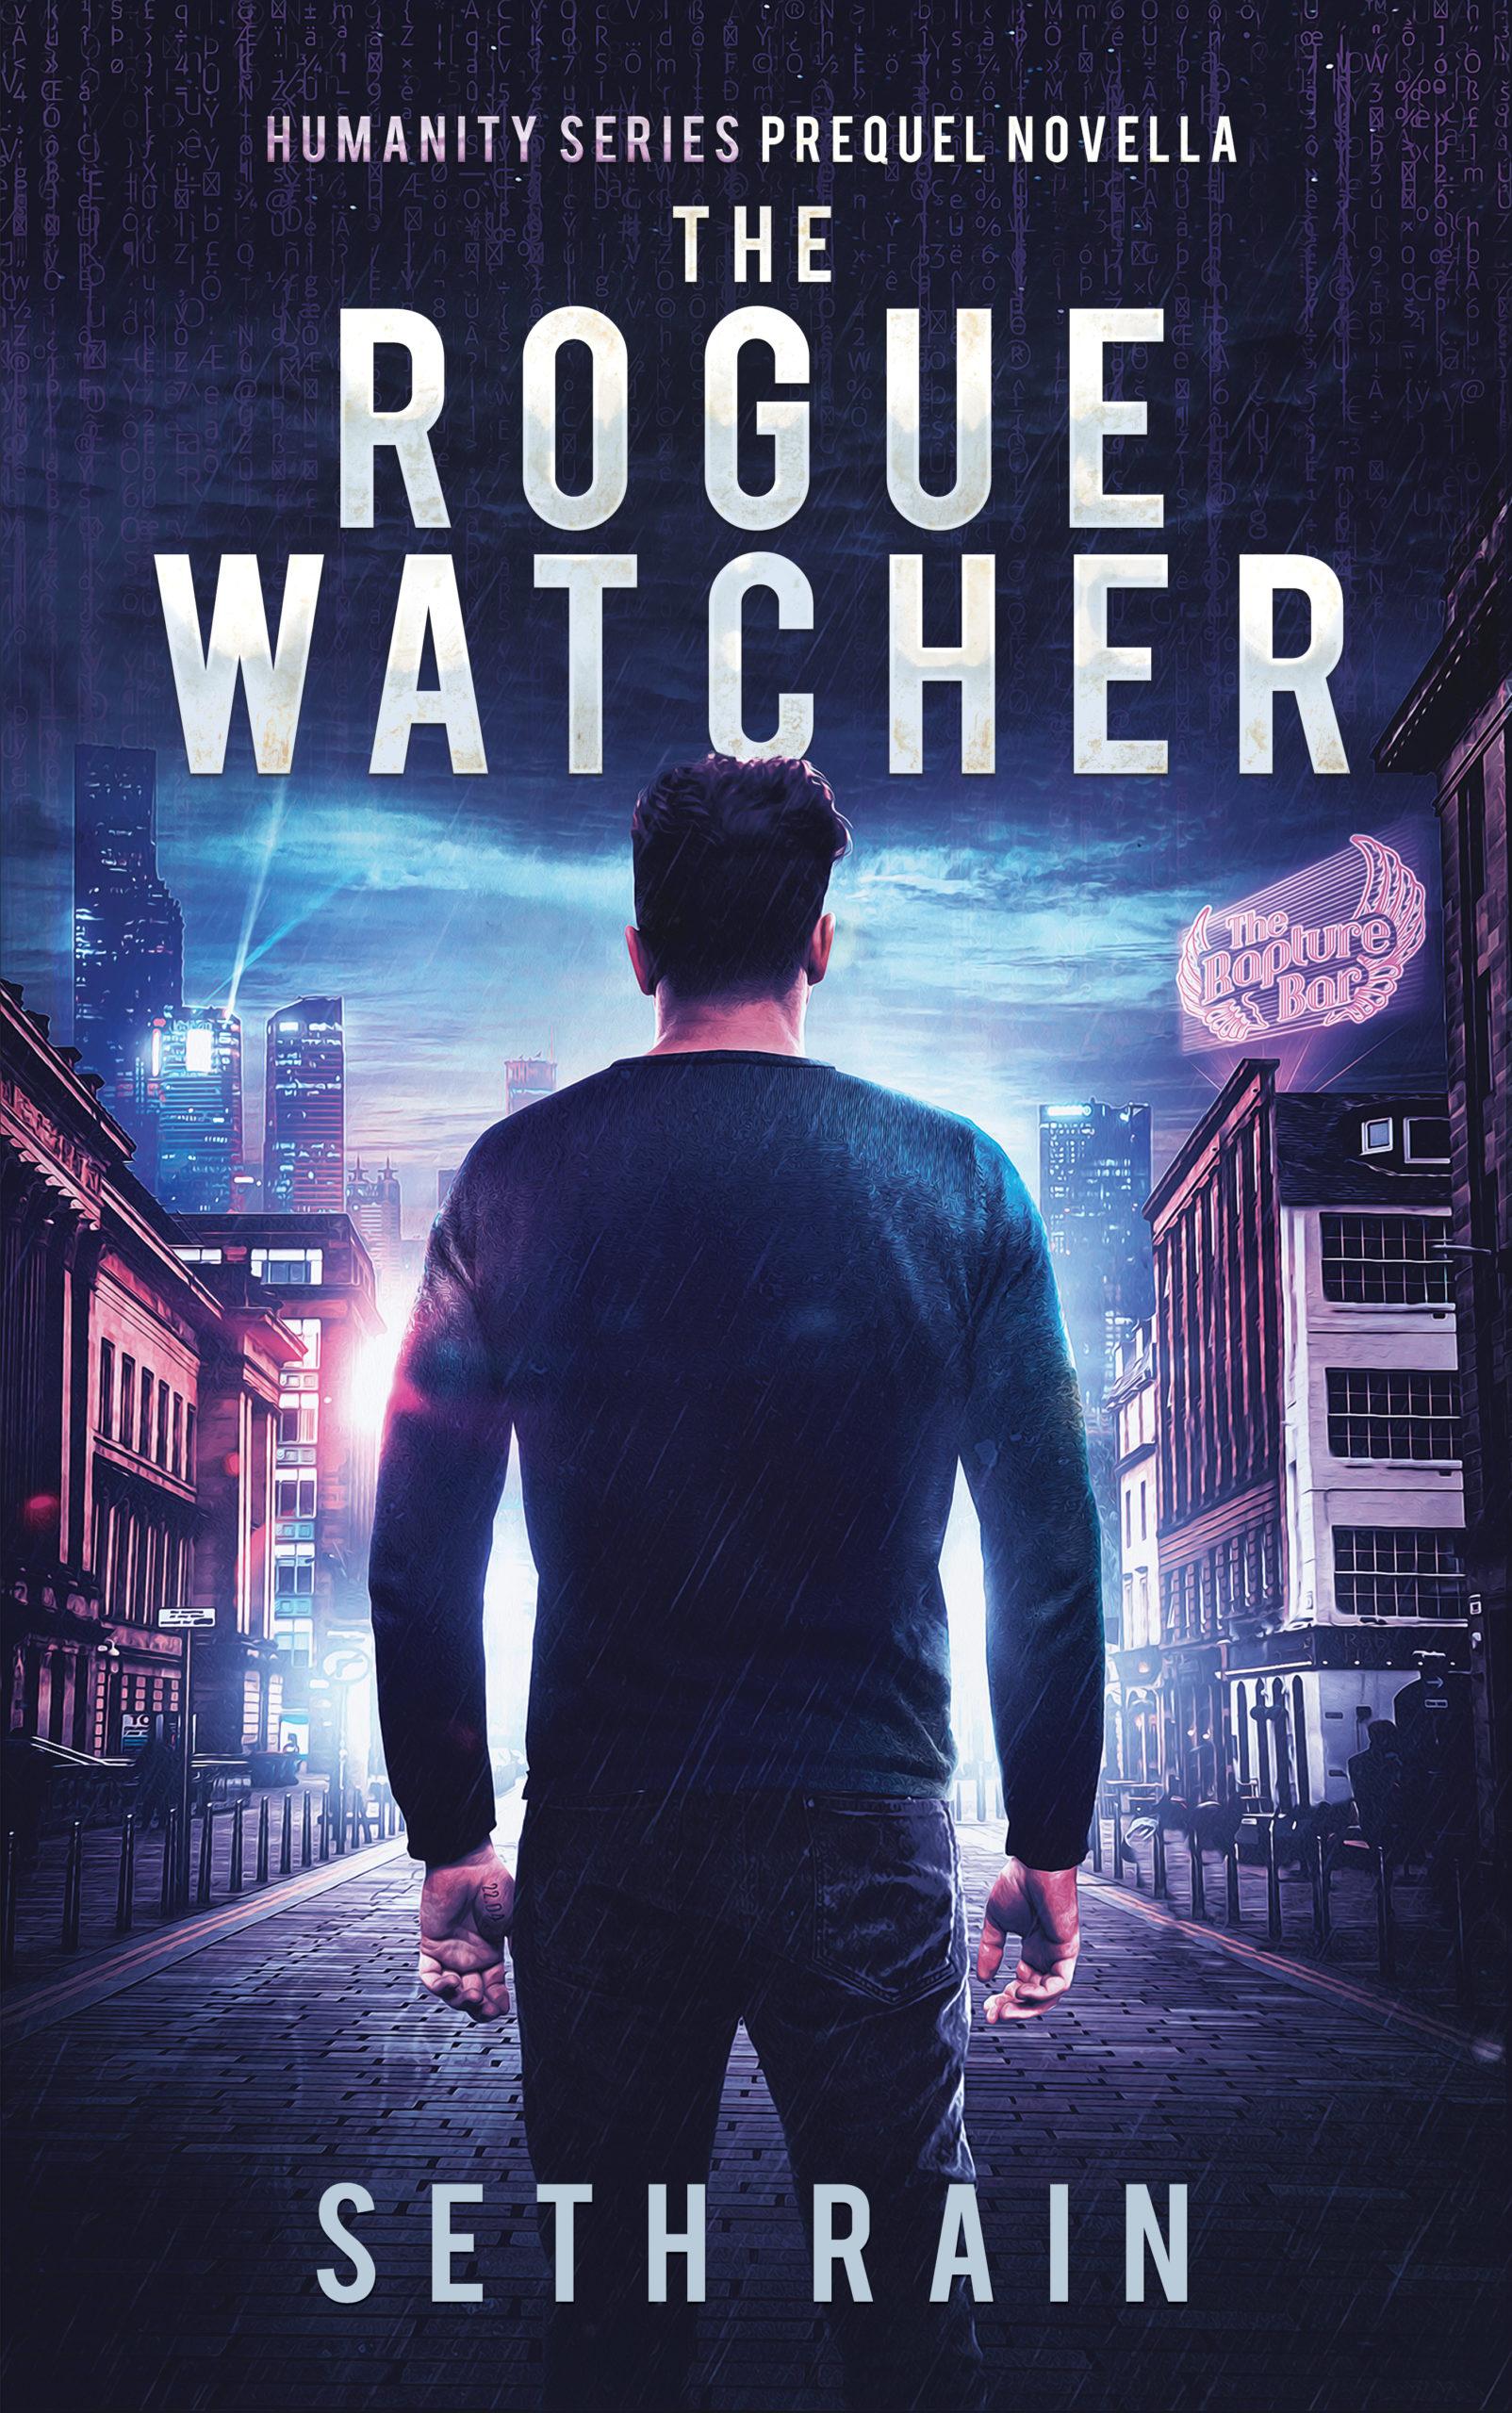 The-Rogue-Watcher-eBook